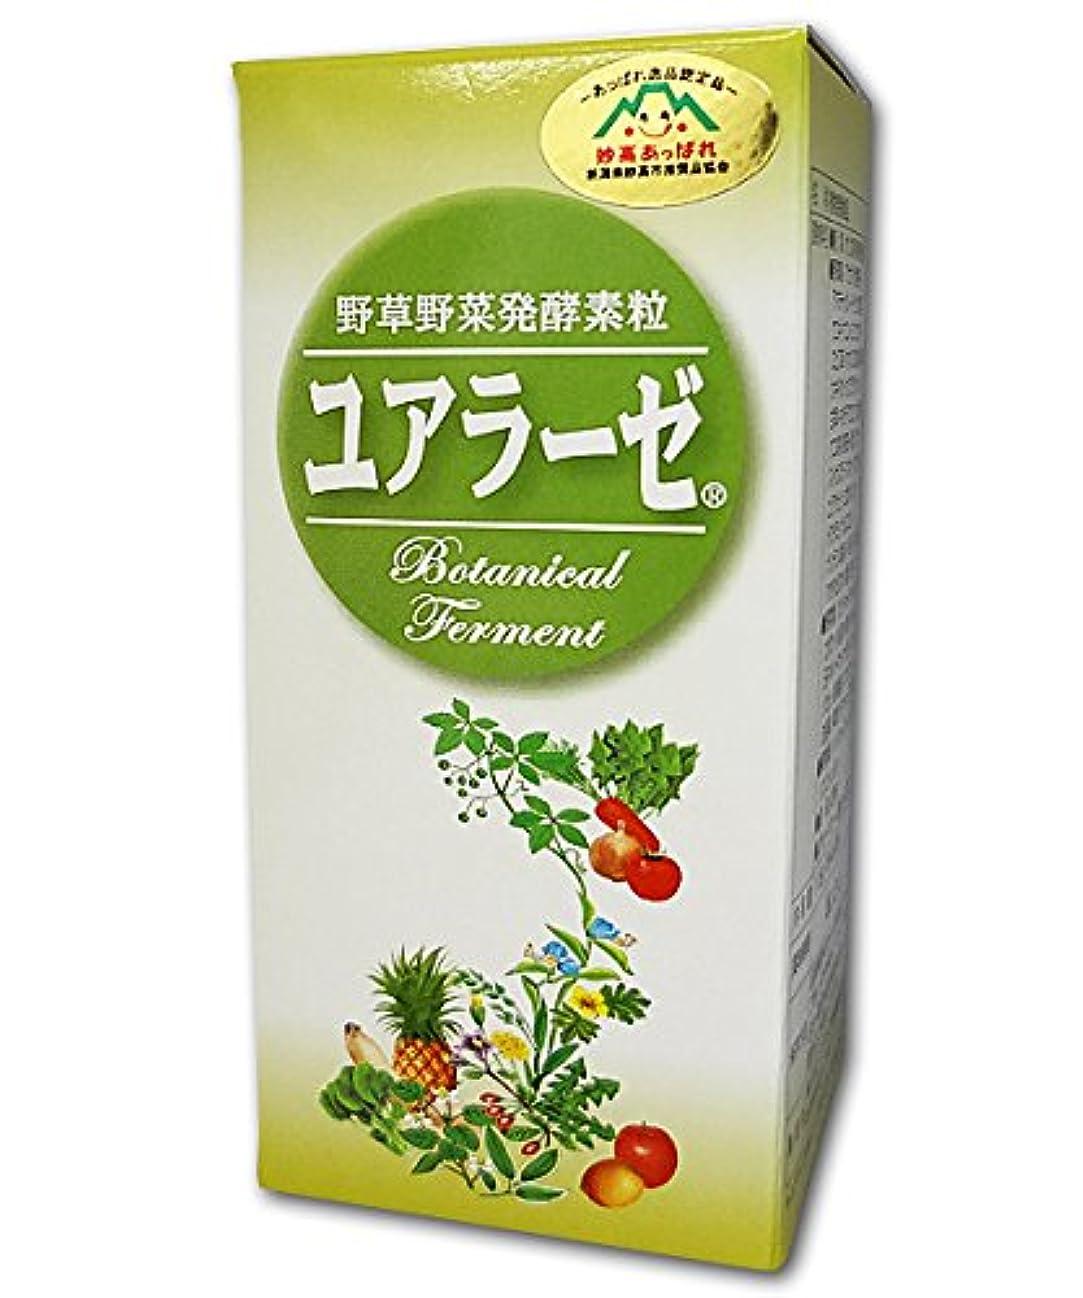 どうやら回想モデレータミヤトウ野草野草醗酵素粒 ユアラーゼ 450粒